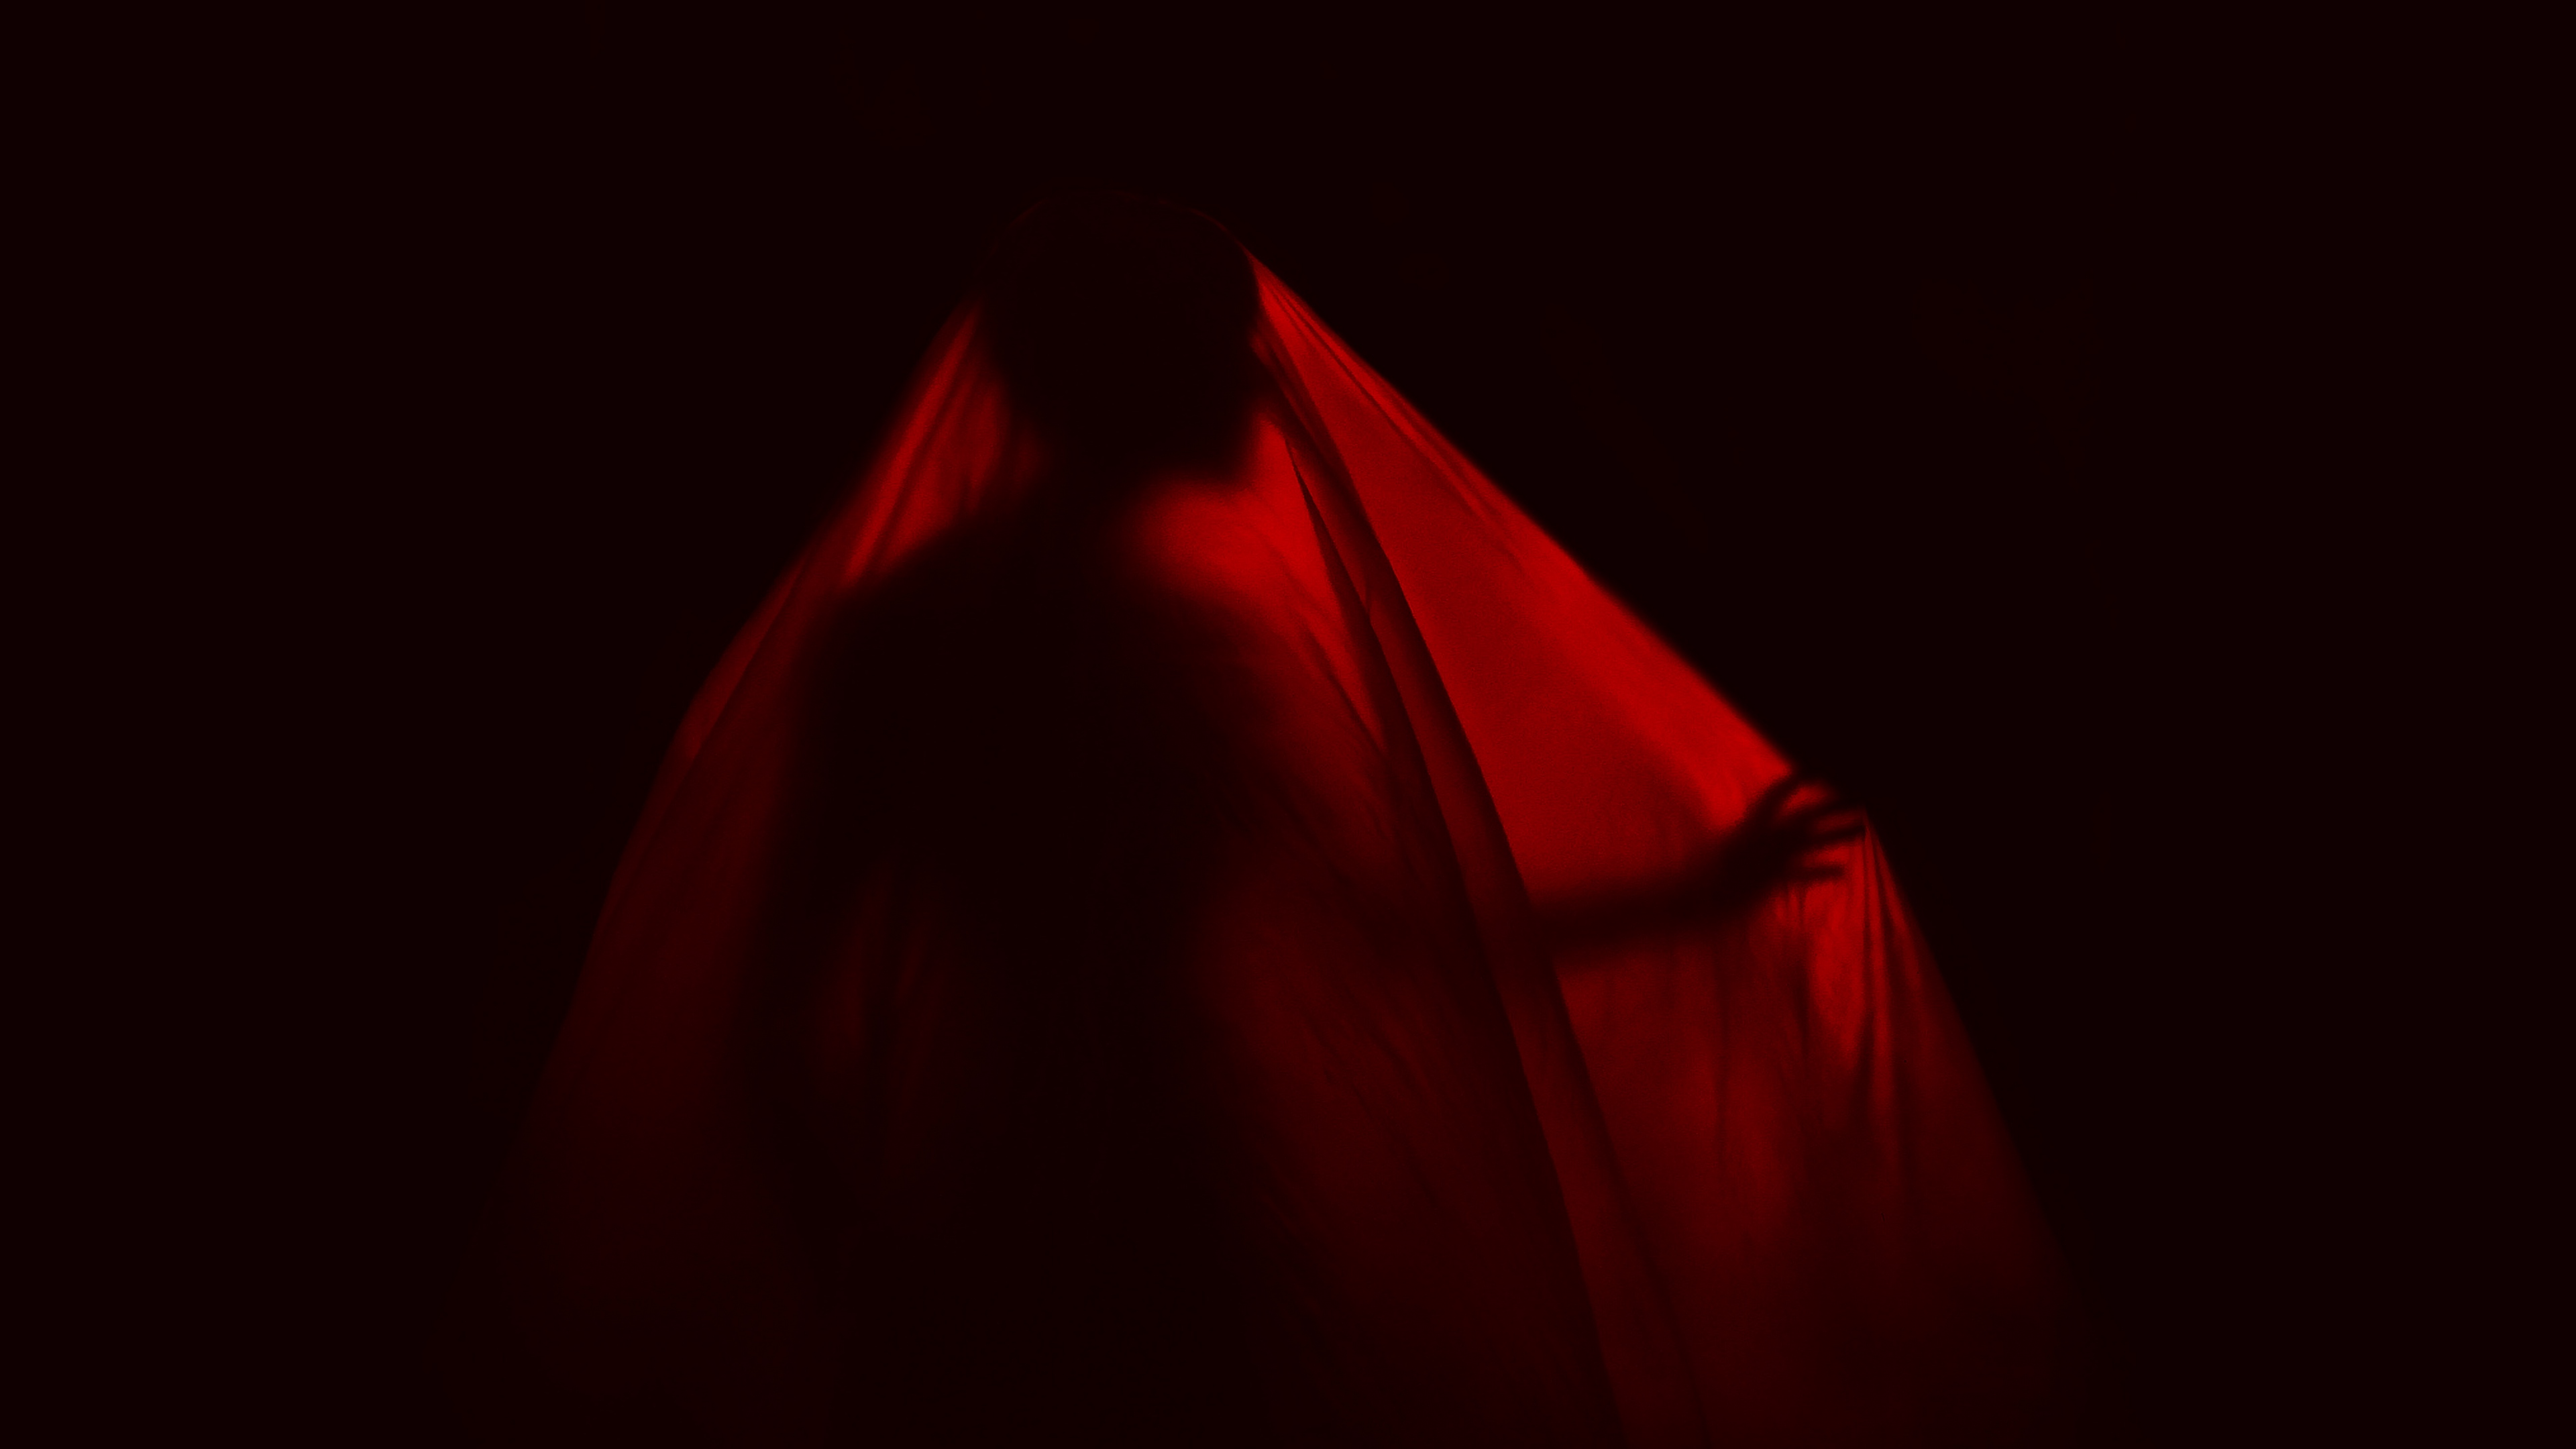 silhouette man fabric dark 4k 1540575237 - silhouette, man, fabric, dark 4k - Silhouette, Man, Fabric